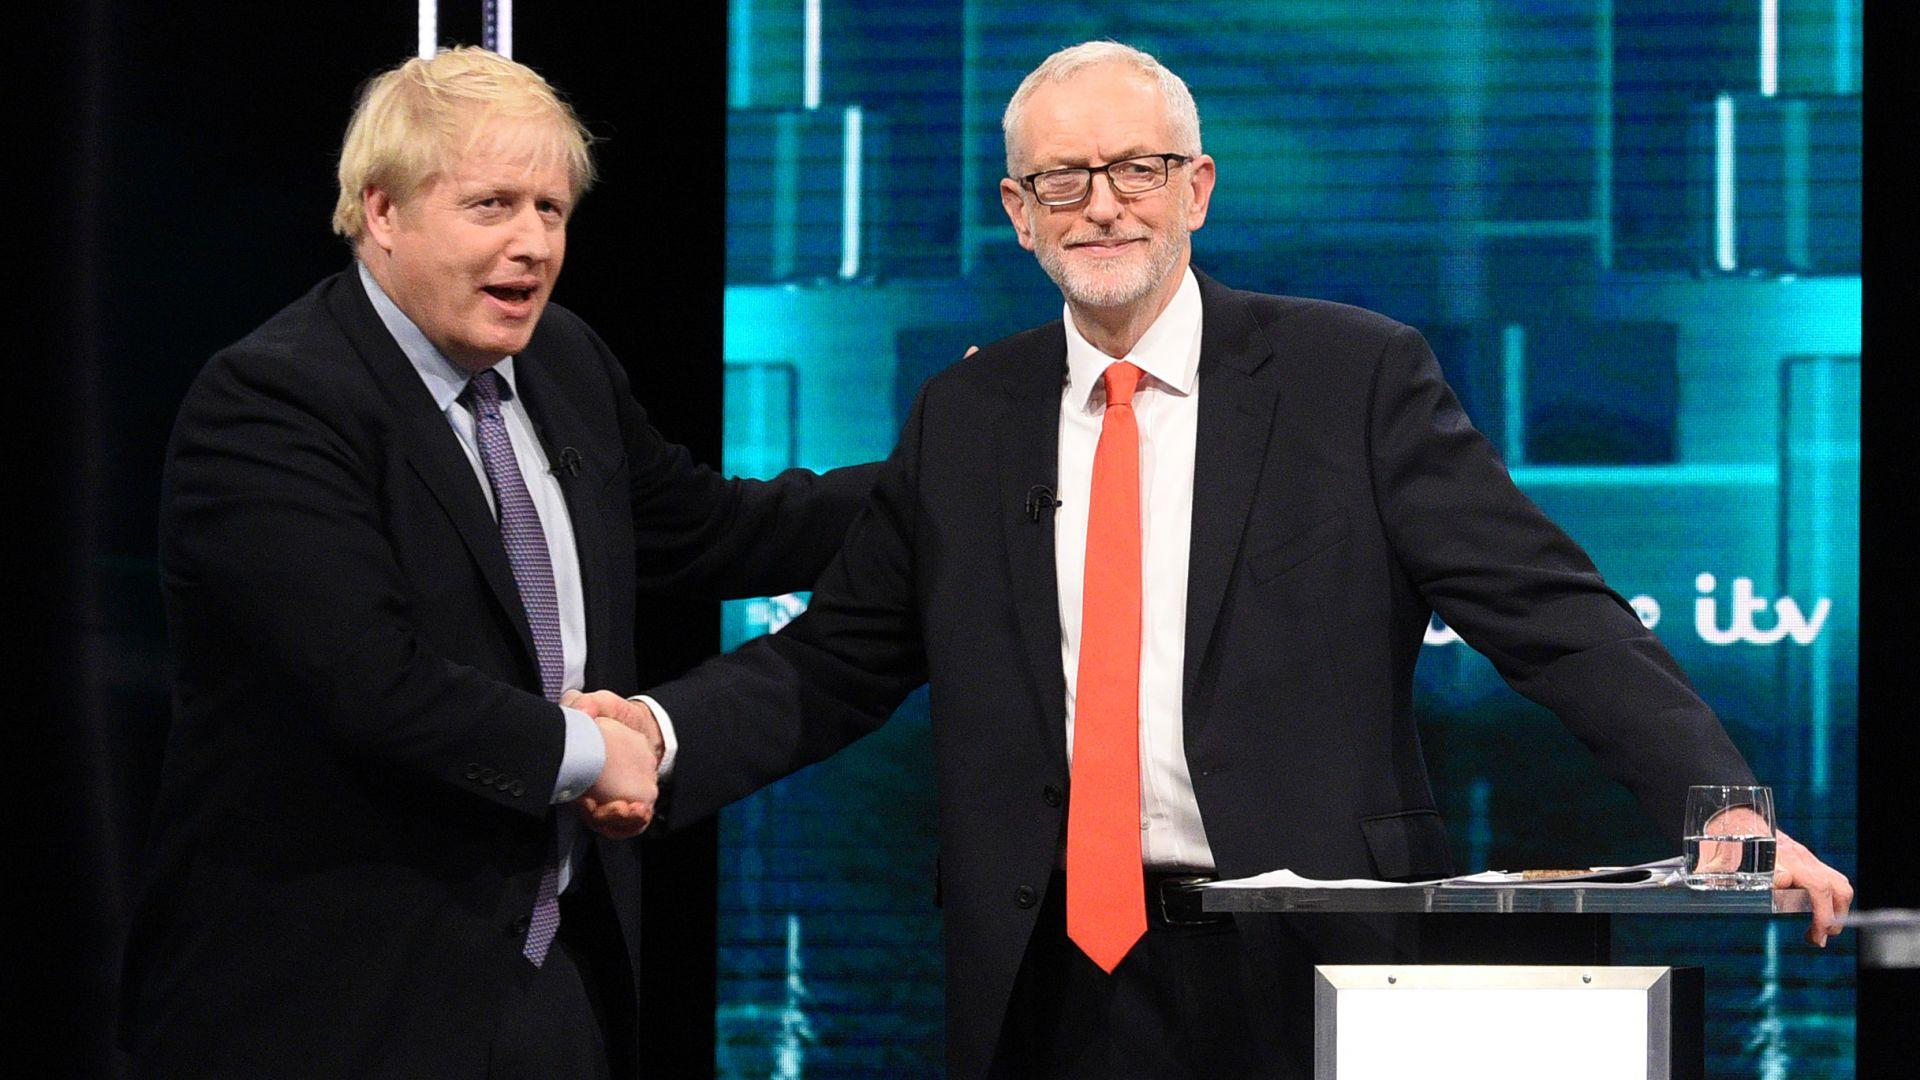 Джонсън и Корбин се сблъскаха в оспорван телевизионен дебат преди изборите (видео)